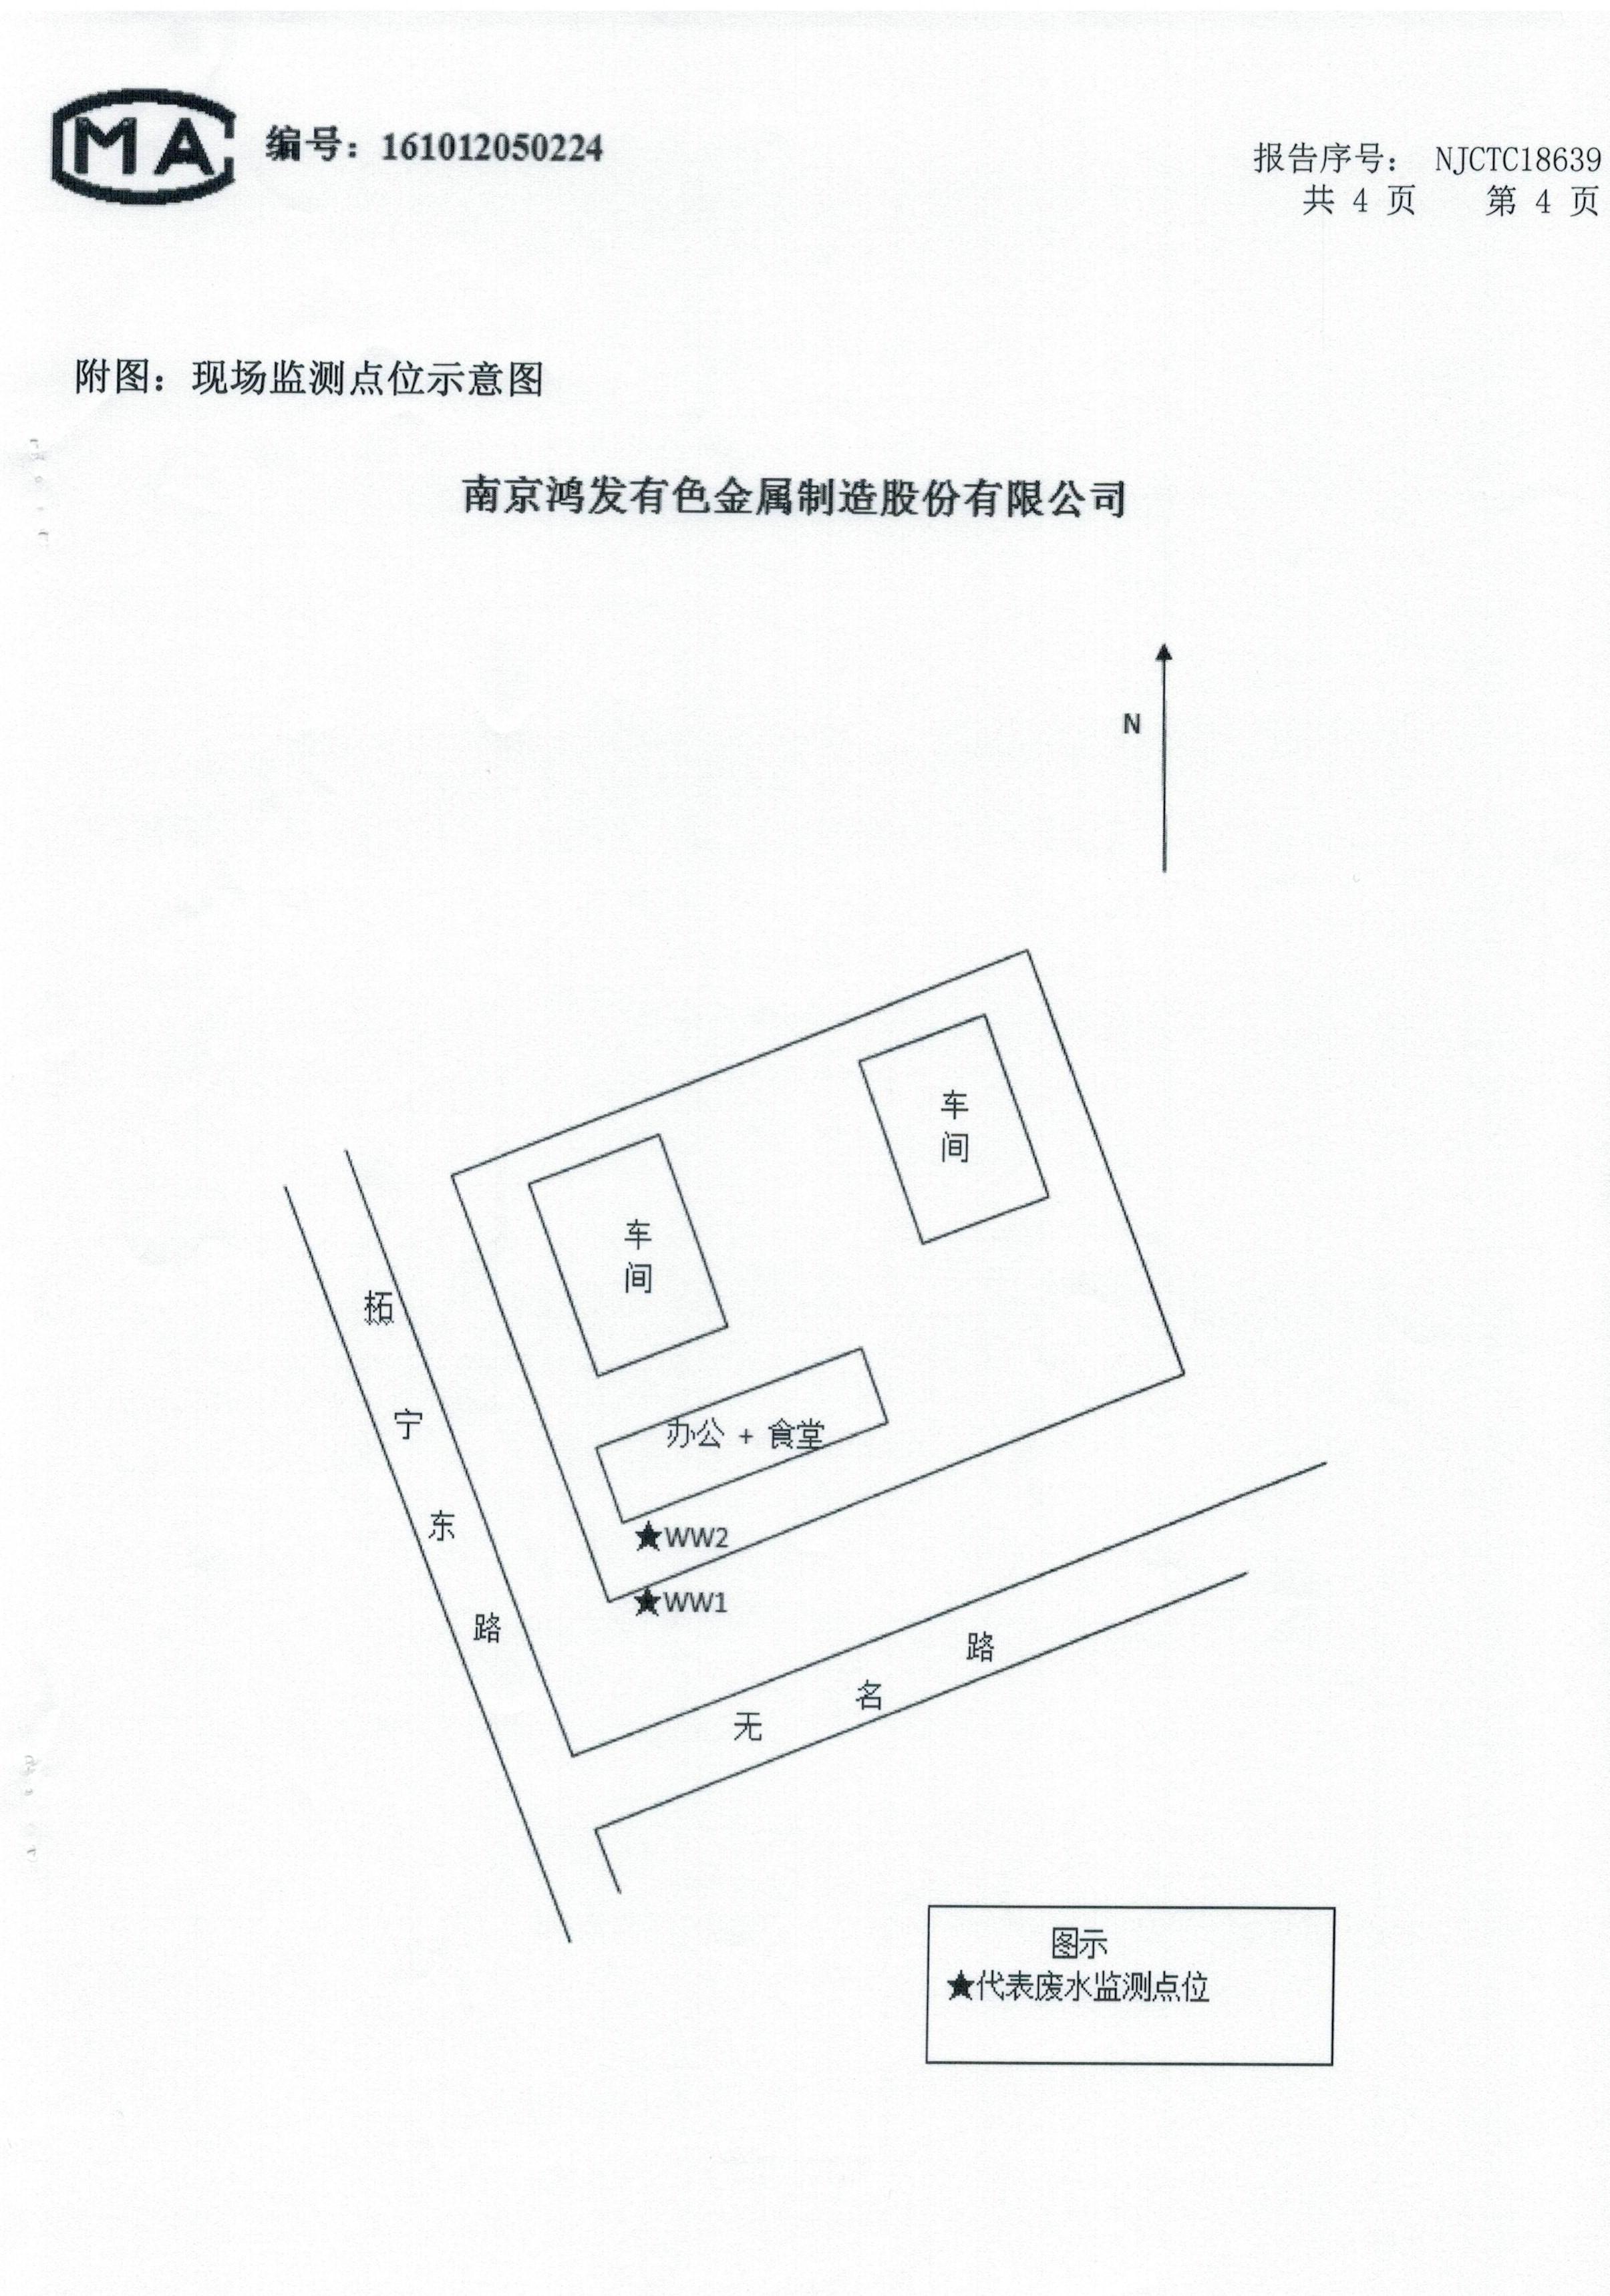 检测报告8 (5)